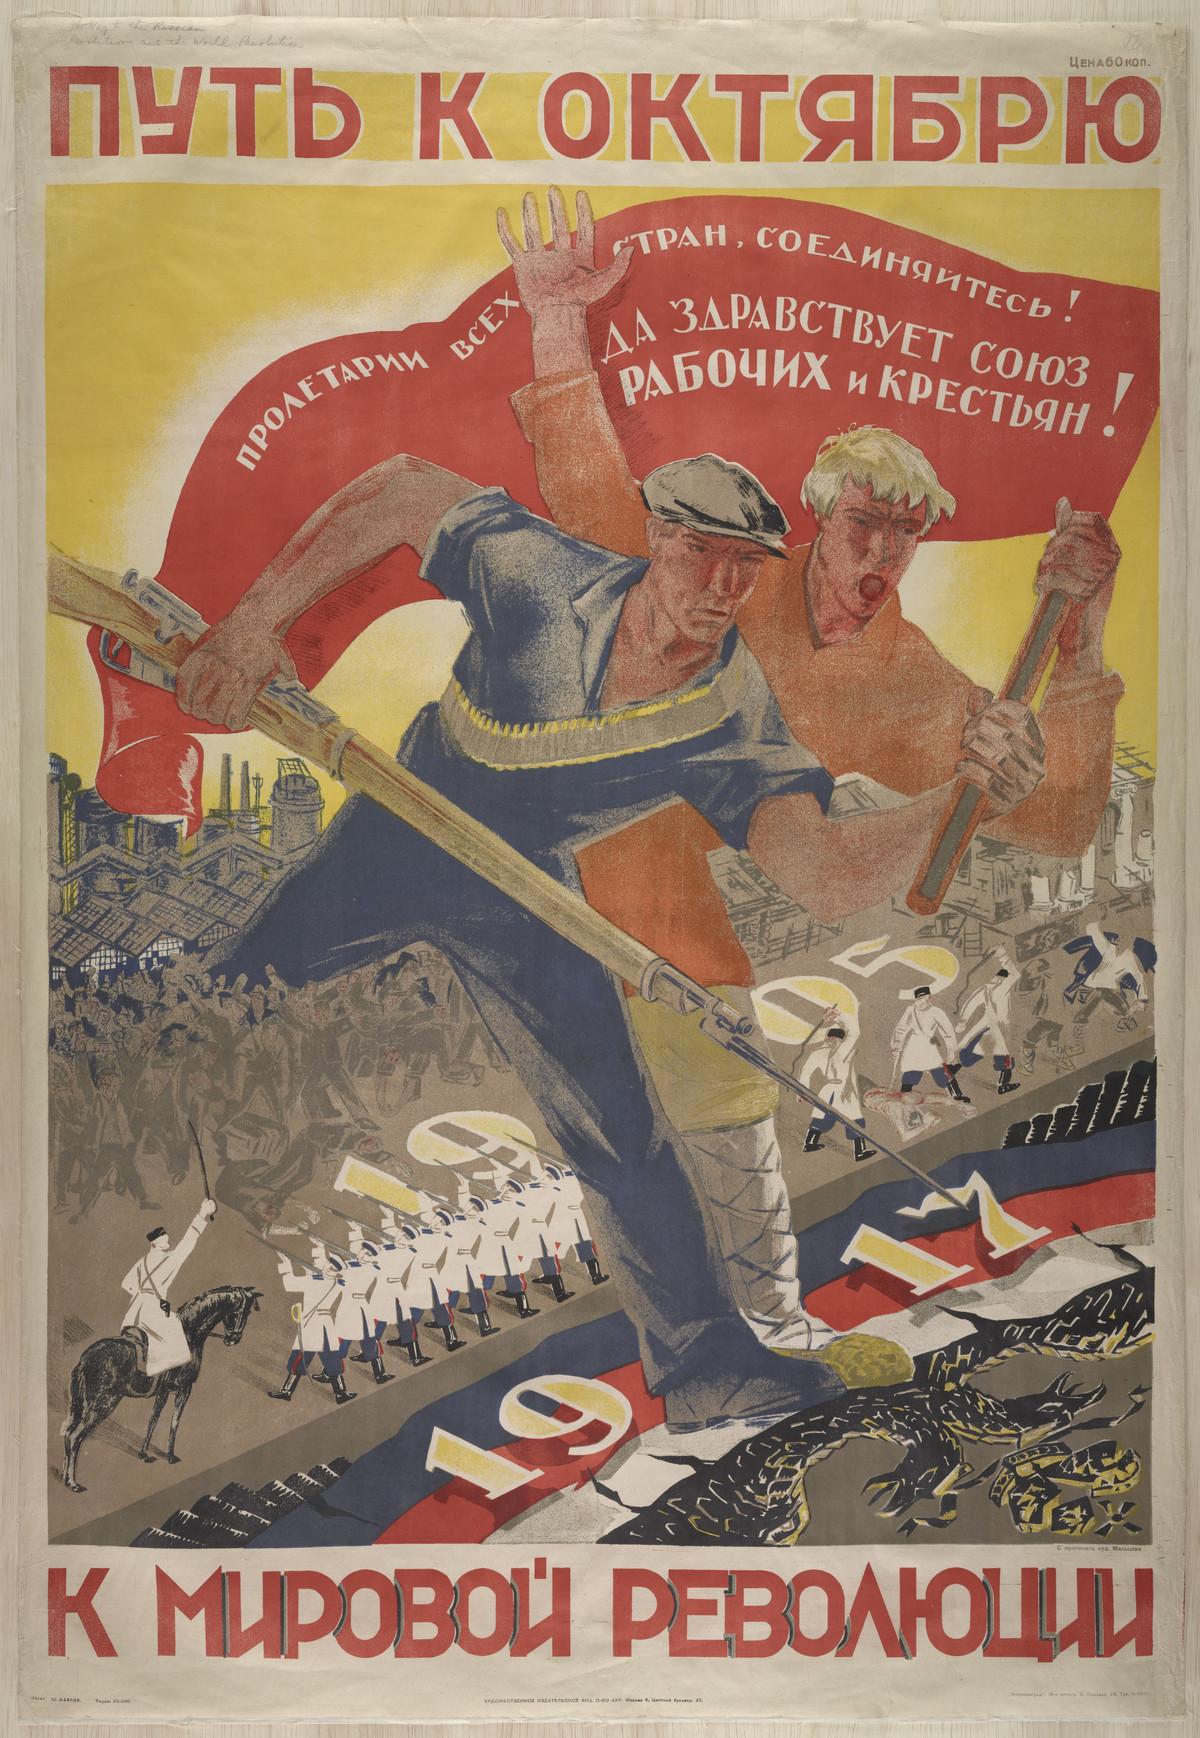 sovetskie-kommunisticheskie-plakaty_75